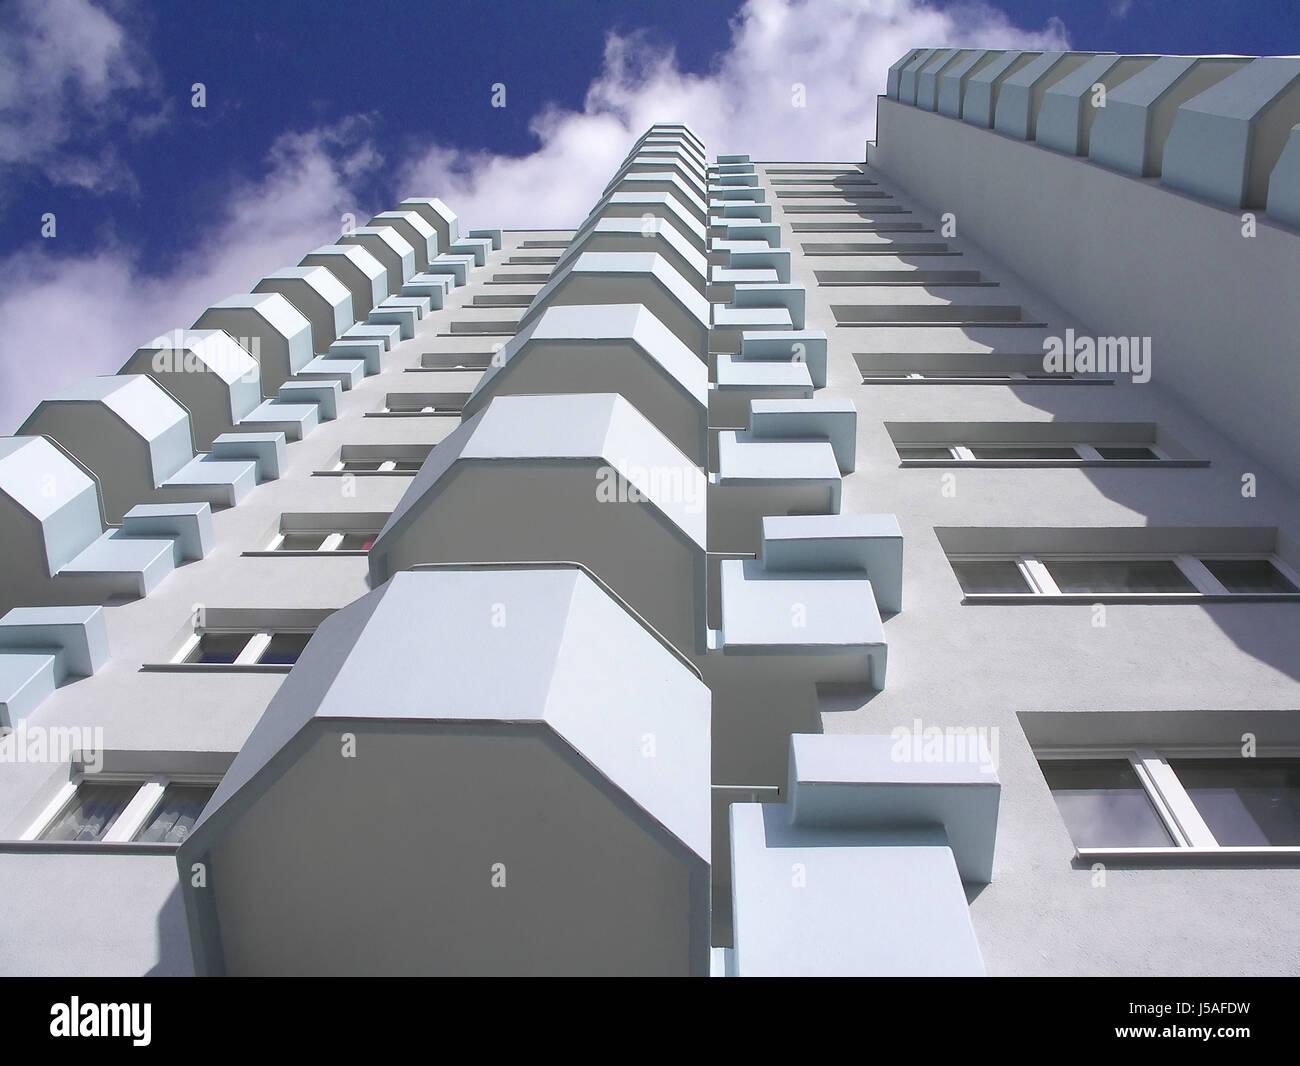 sattellite city v - Stock Image